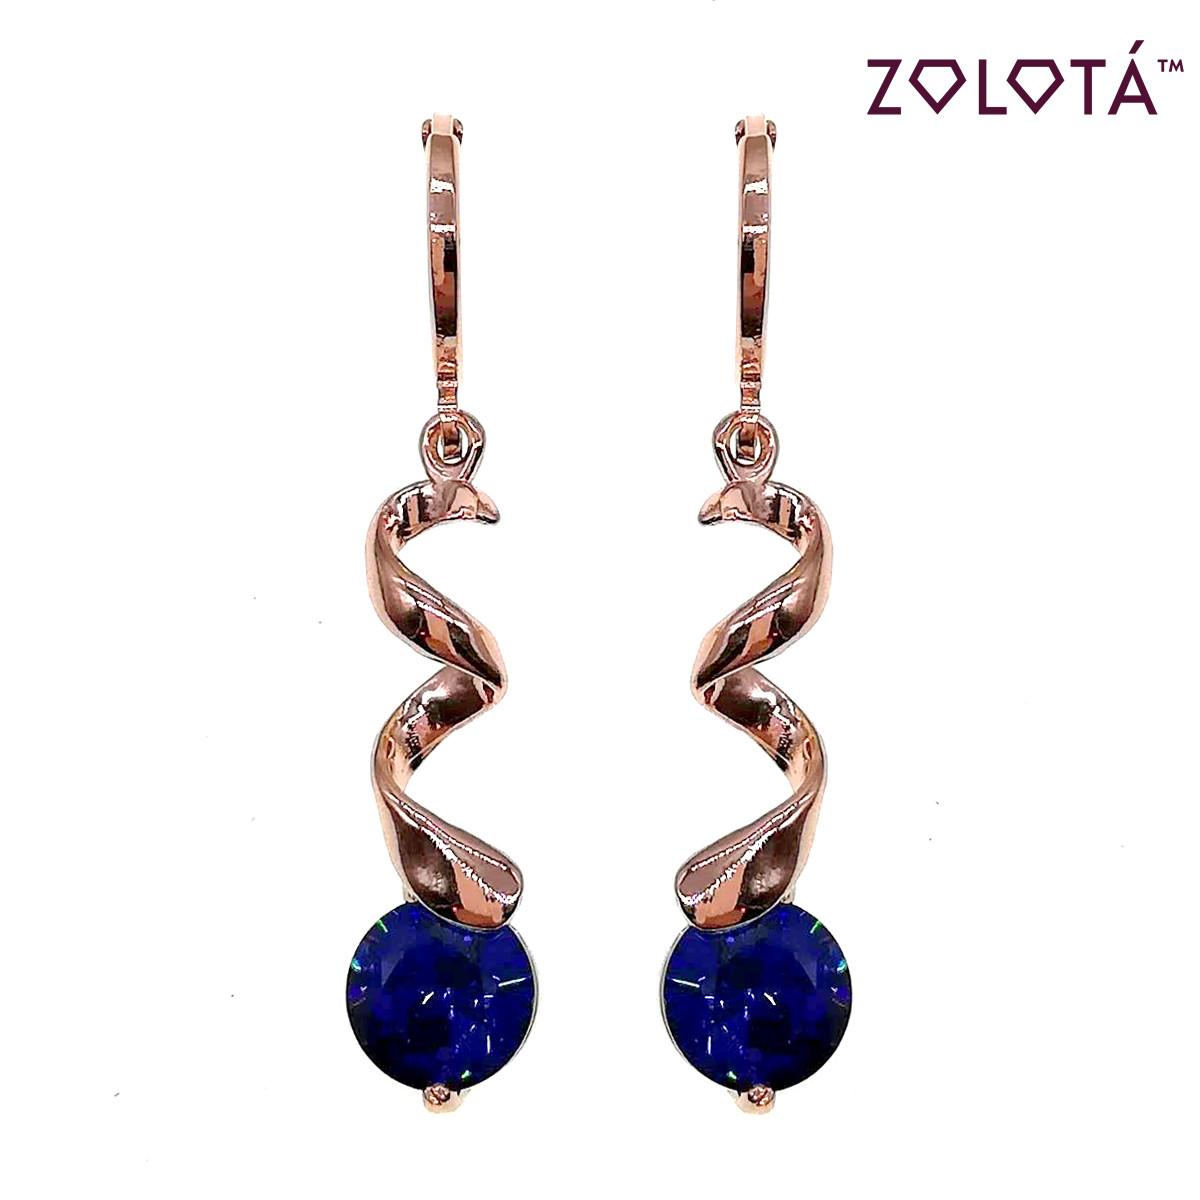 Серьги Zolota с синими фианитами (куб. цирконием), из медицинского золота, в позолоте, ЗЛ00649 (1)